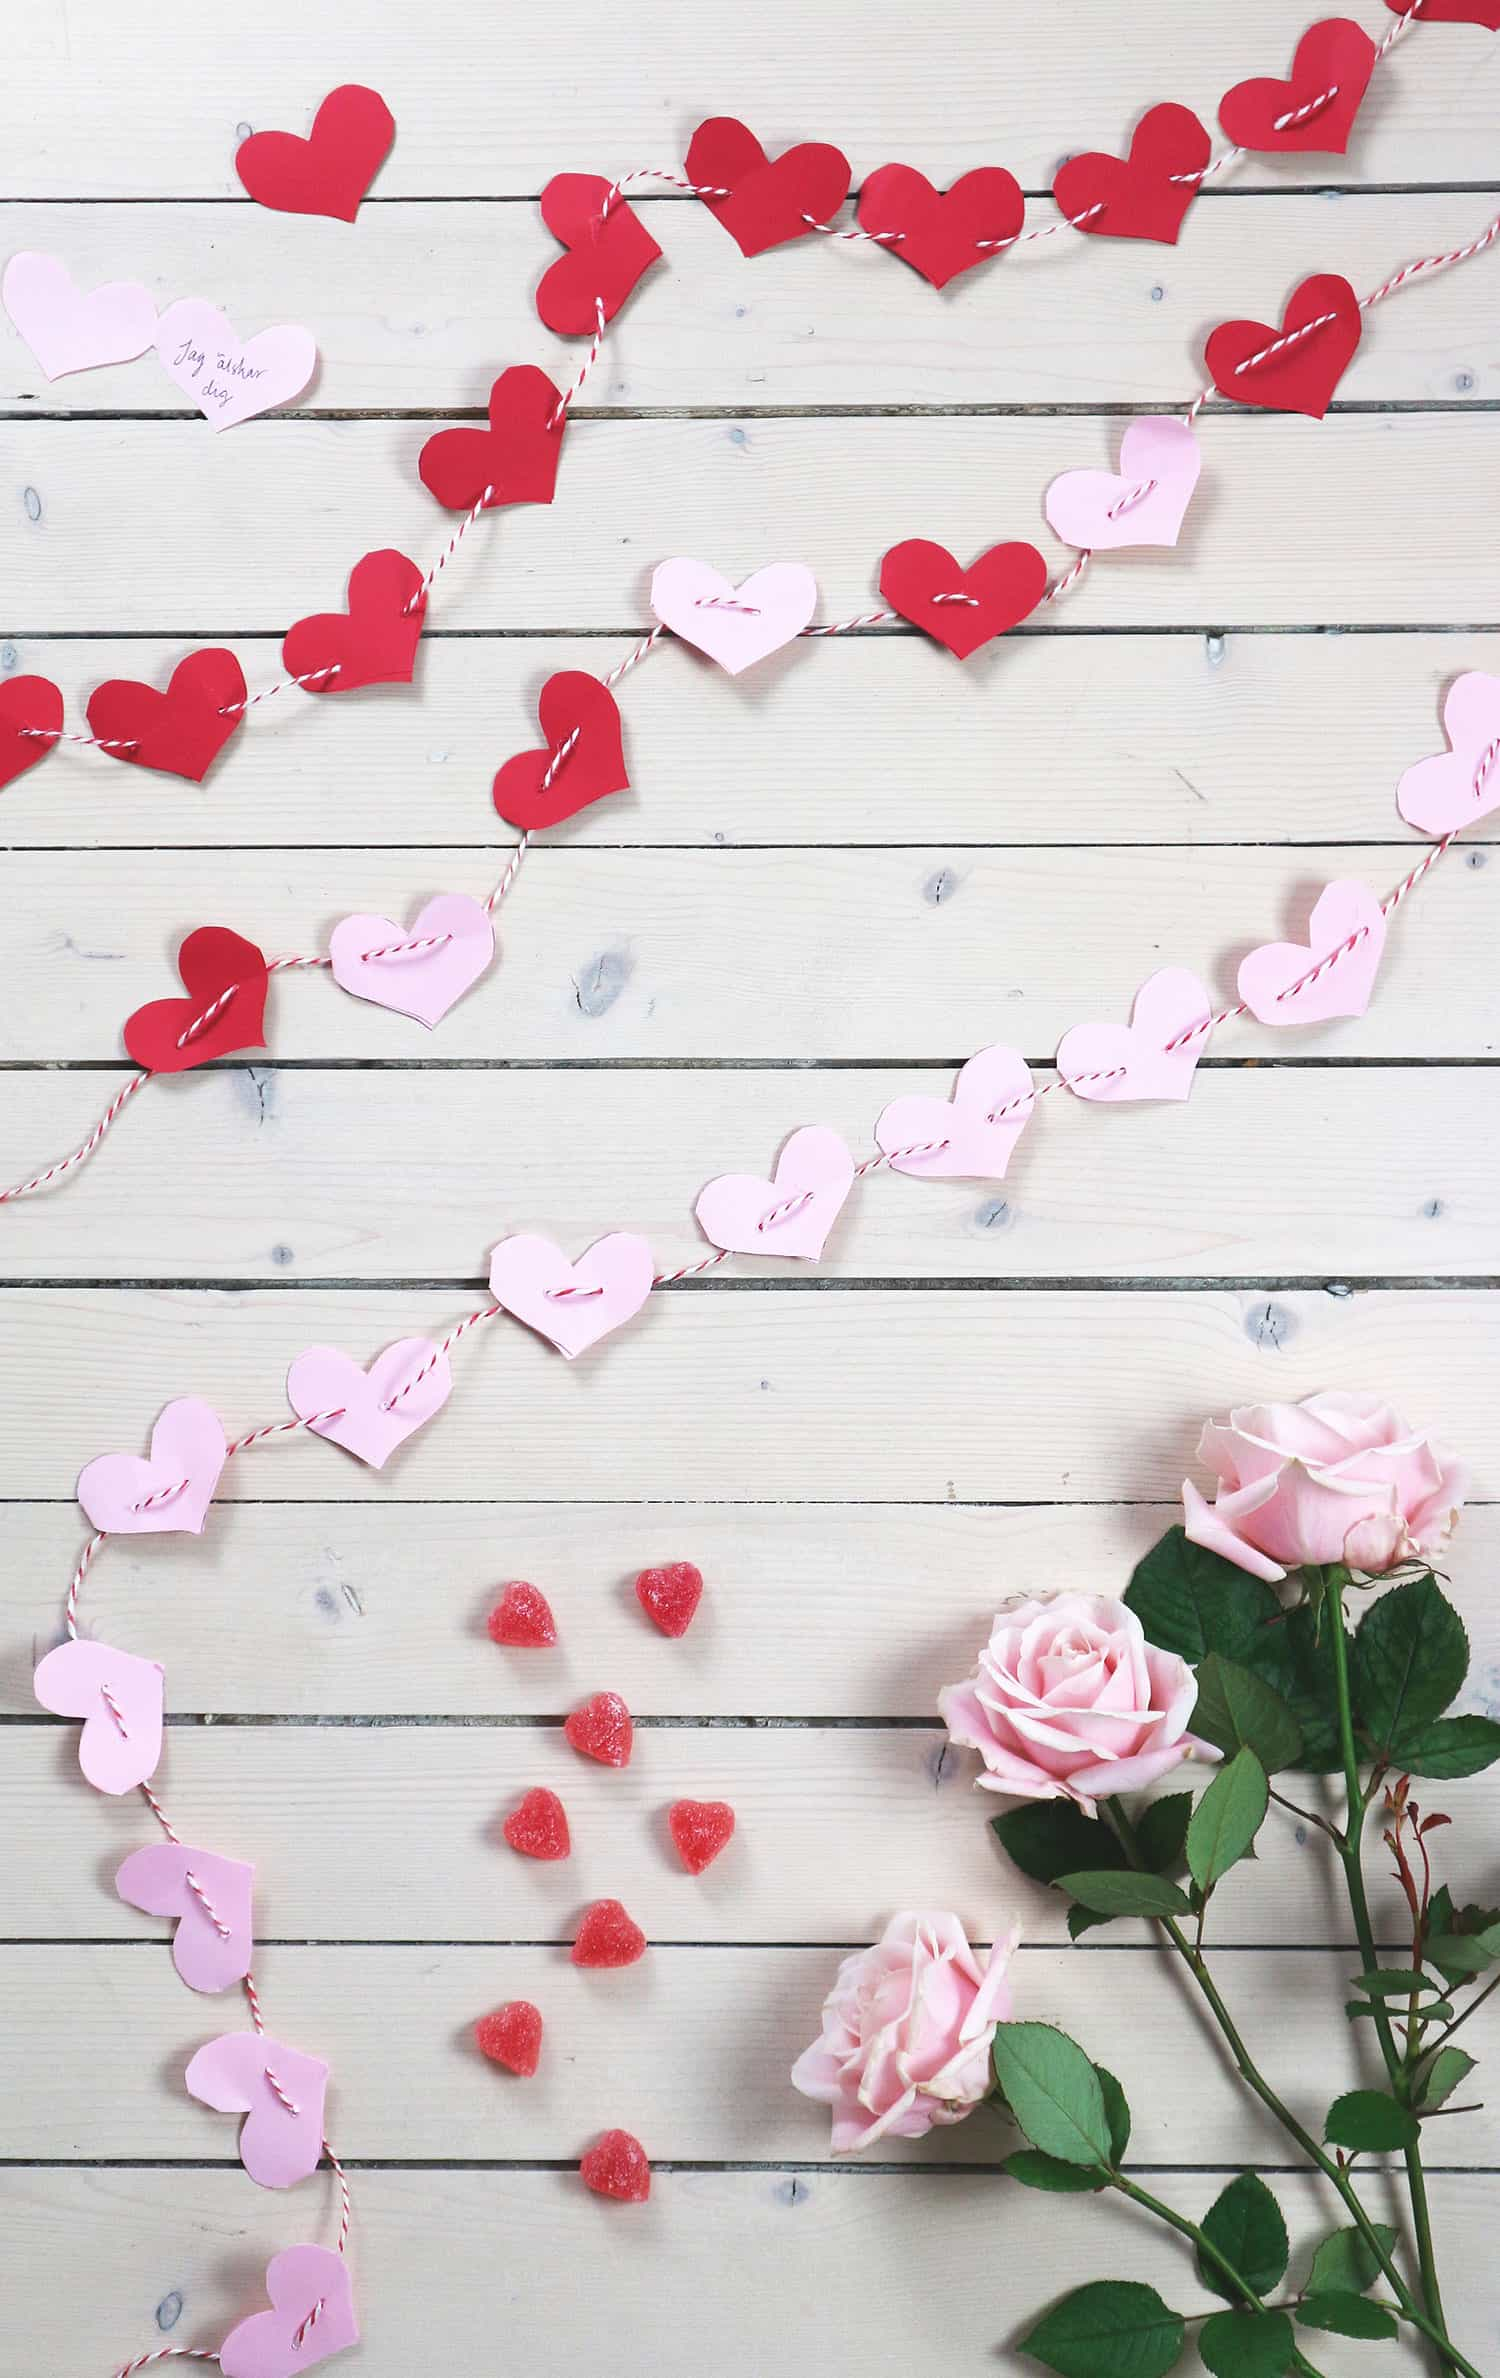 En kärleksgirlang som också är en kärlekskalender med kärleksförklaringar skrivna inuti.  Av Monica Karlstein, Hemmafixbloggen.se.